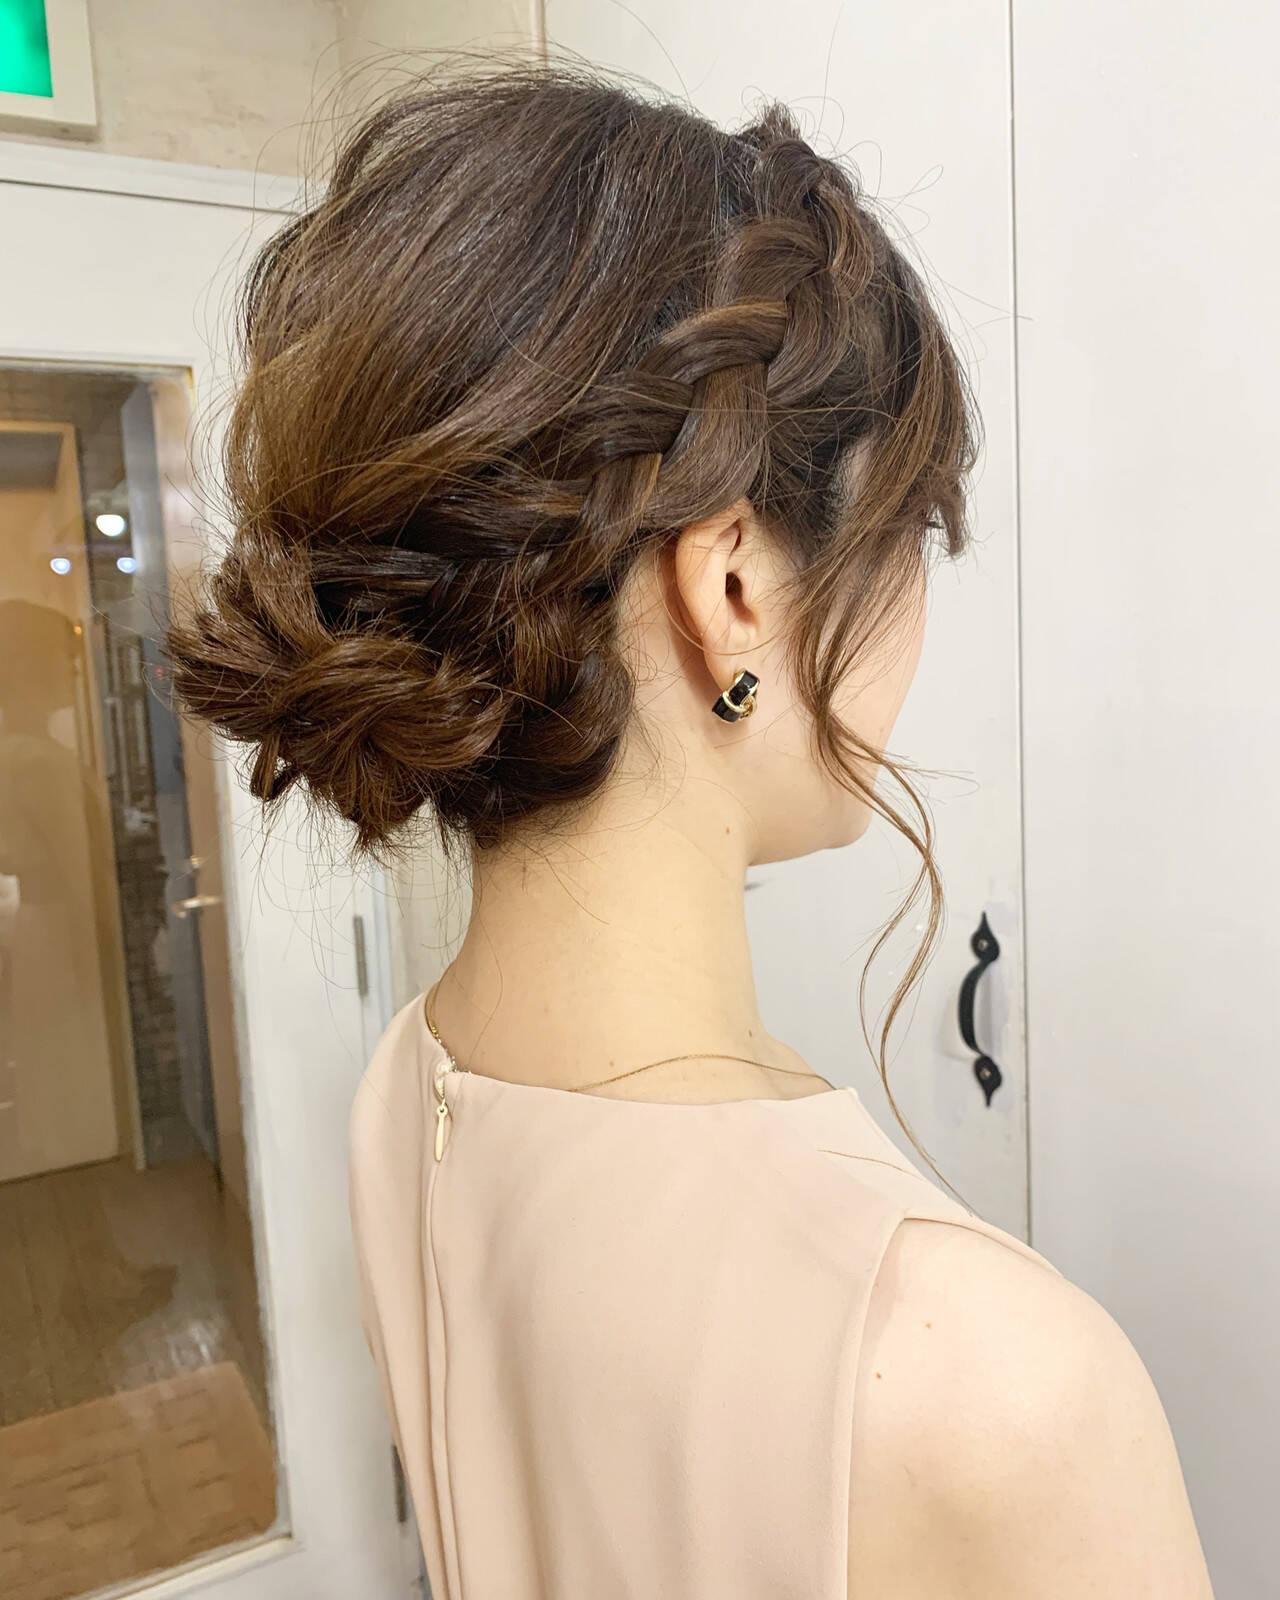 編み込み ナチュラル シニヨン 簡単ヘアアレンジヘアスタイルや髪型の写真・画像